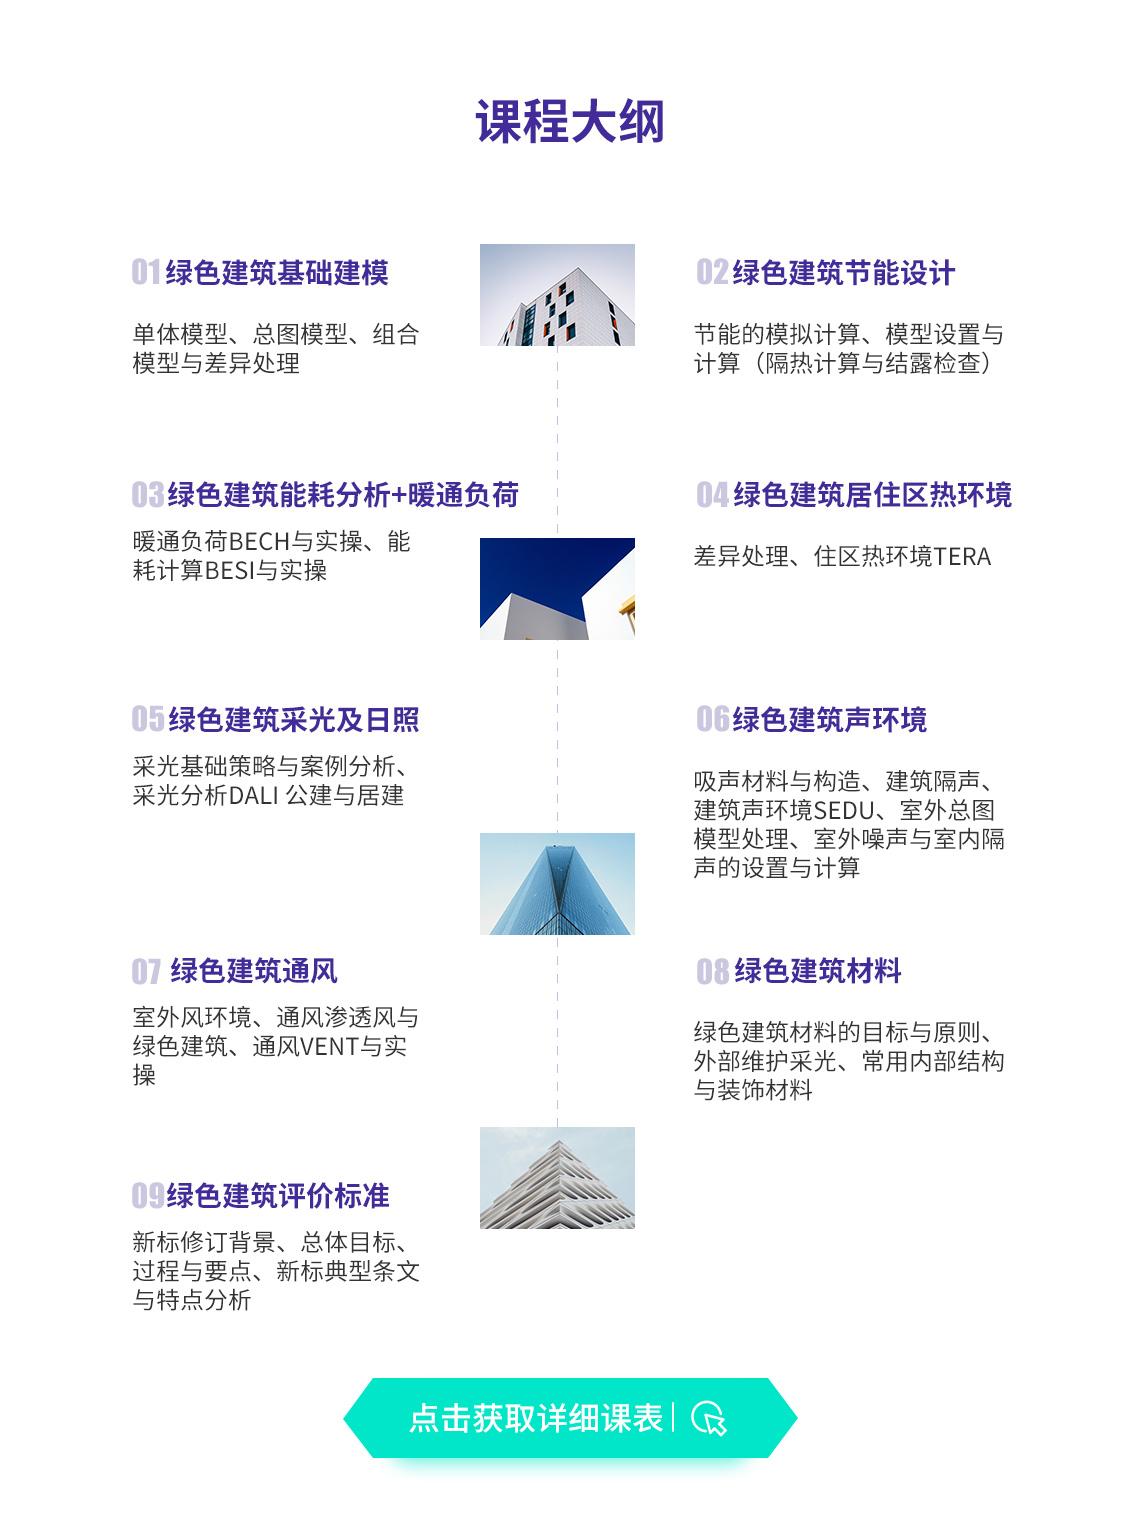 绿色建筑设计课程的授课老师是权威专家阵容,都是中国绿色建筑设计领域的专业老师,具有丰富的绿色建筑设计经验,部分老师参与绿色建筑评价标准的编写,与绿色建筑评估等工作,多年绿色建筑研究和技能工作经验。